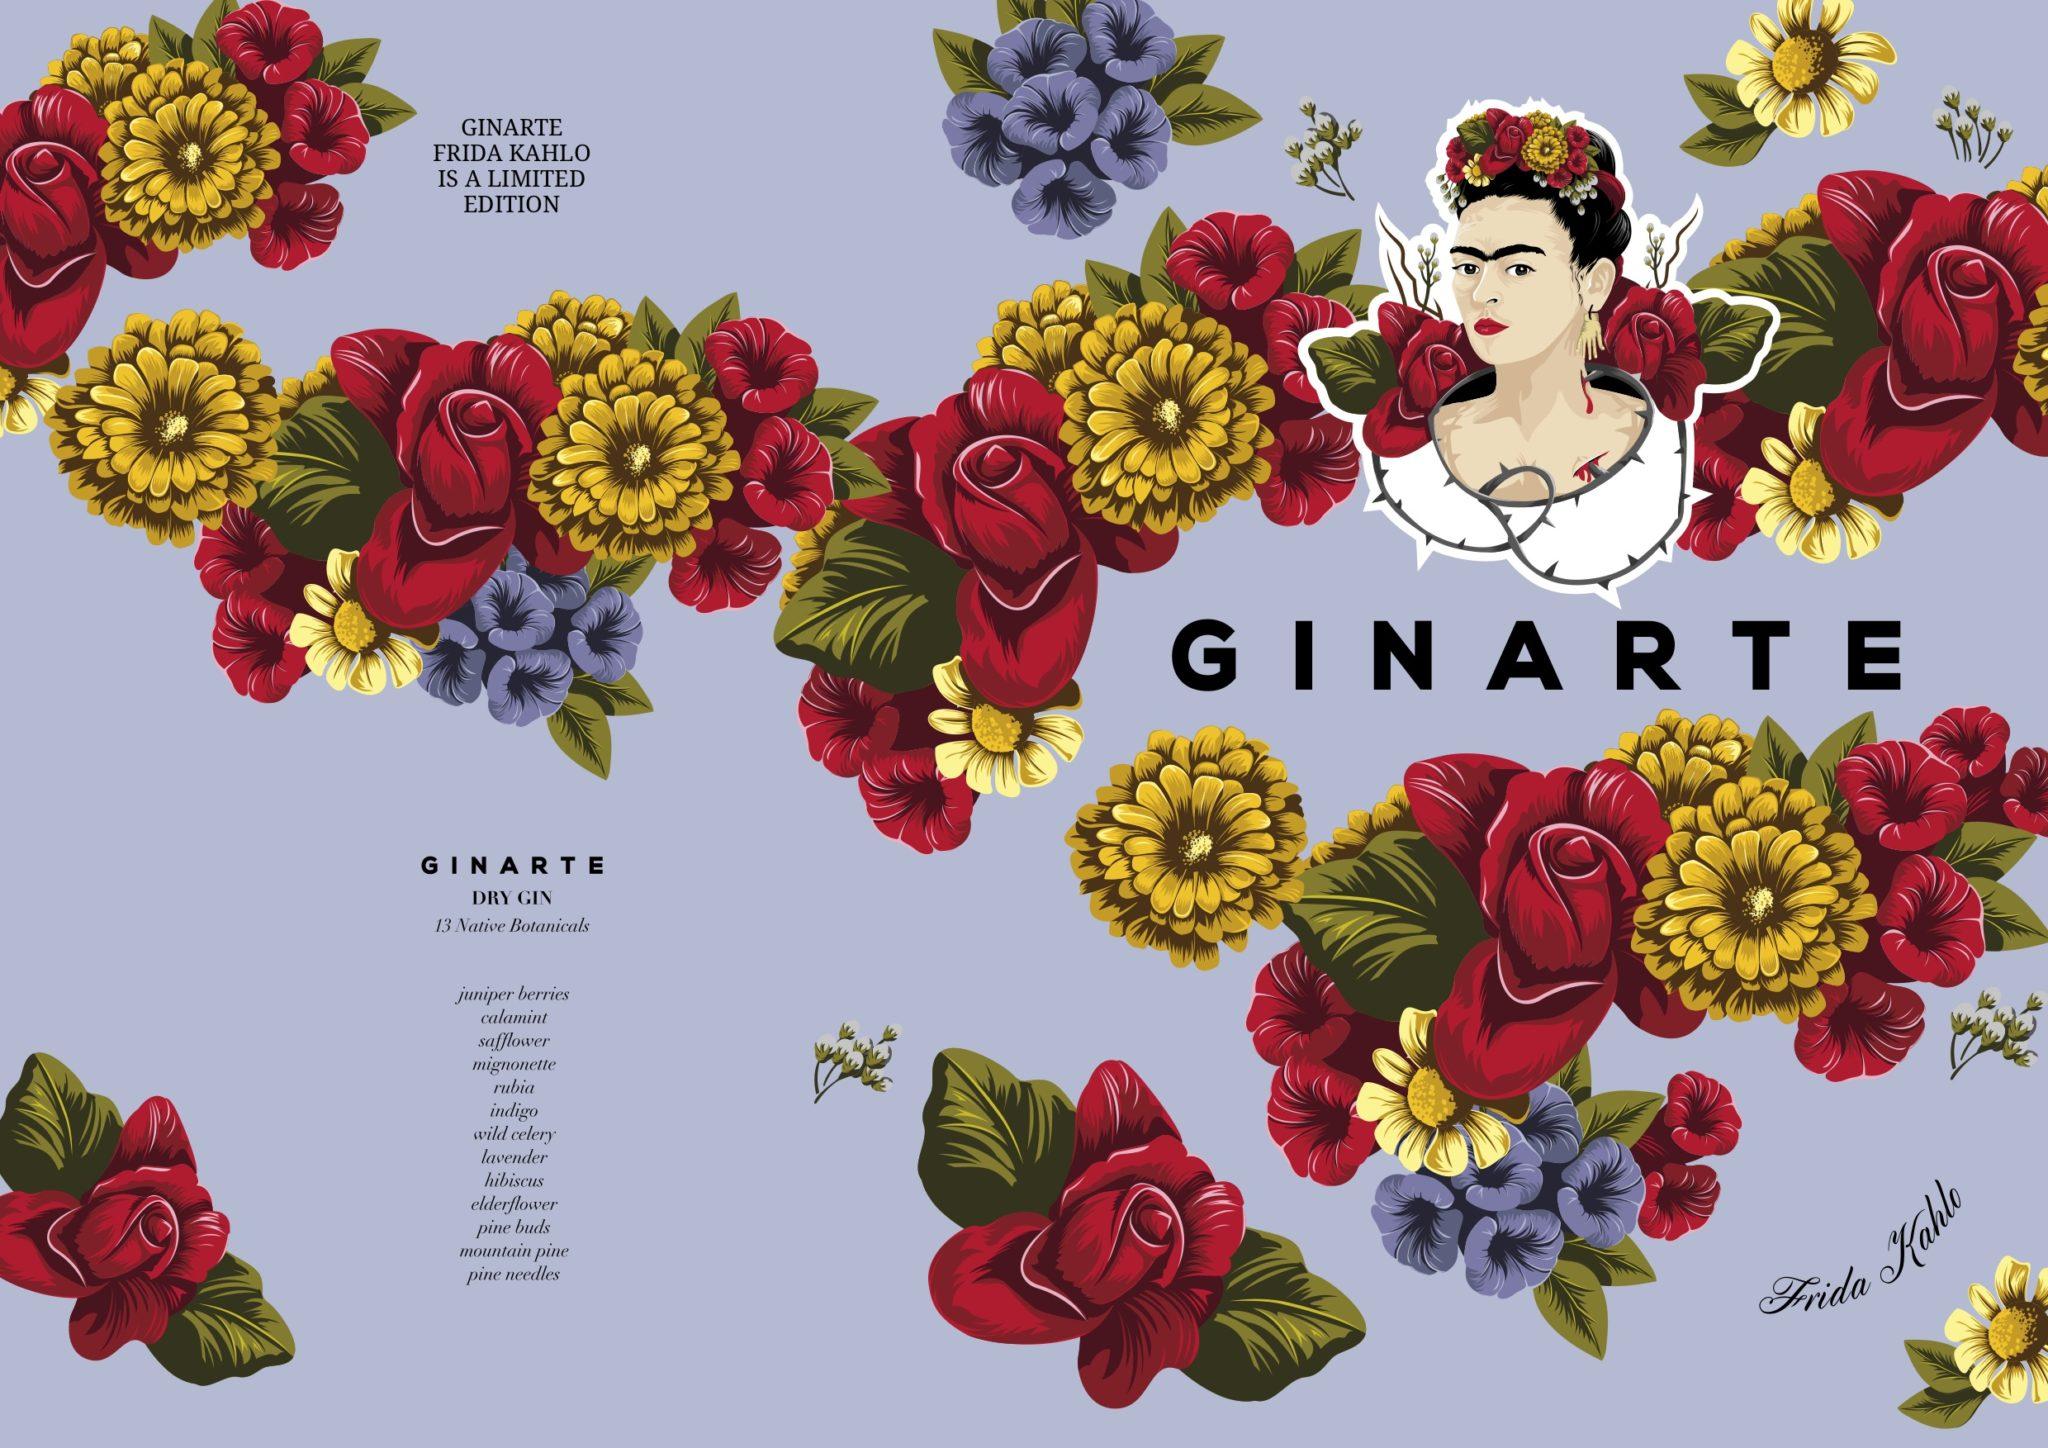 Ginarte Frida Kahlo